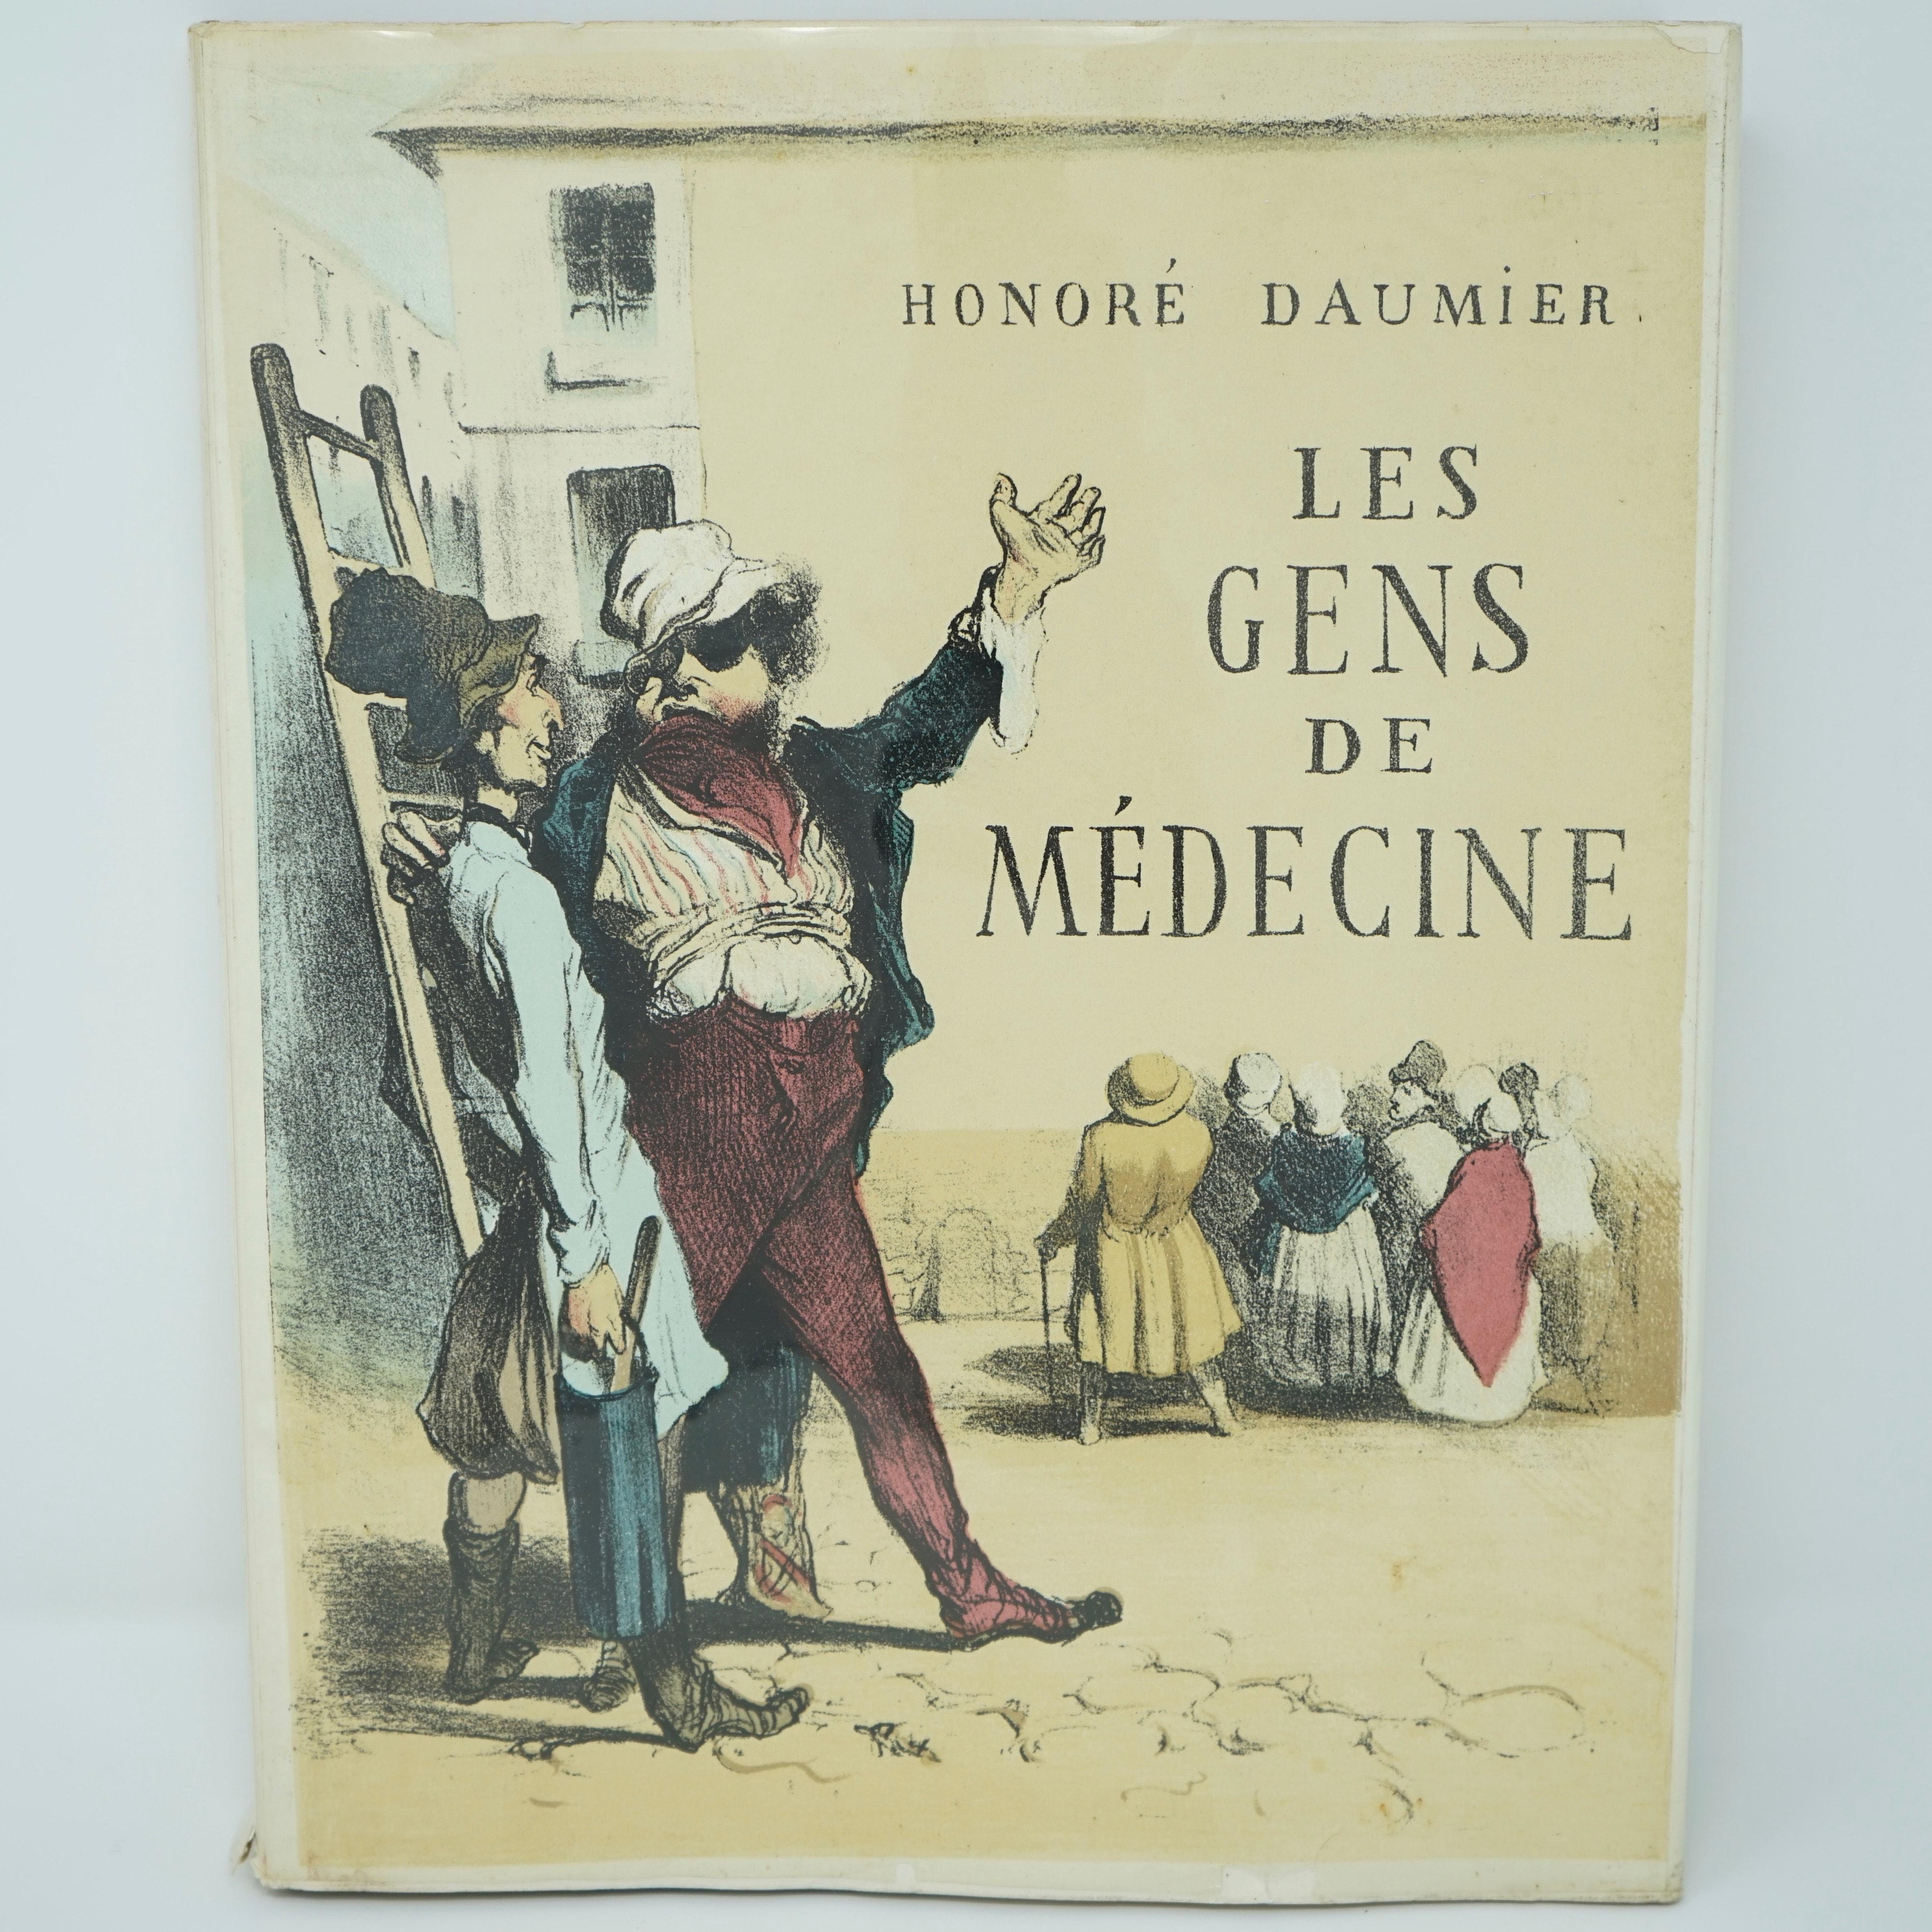 Livre les Gens de Médecine d'Honoré Daumier